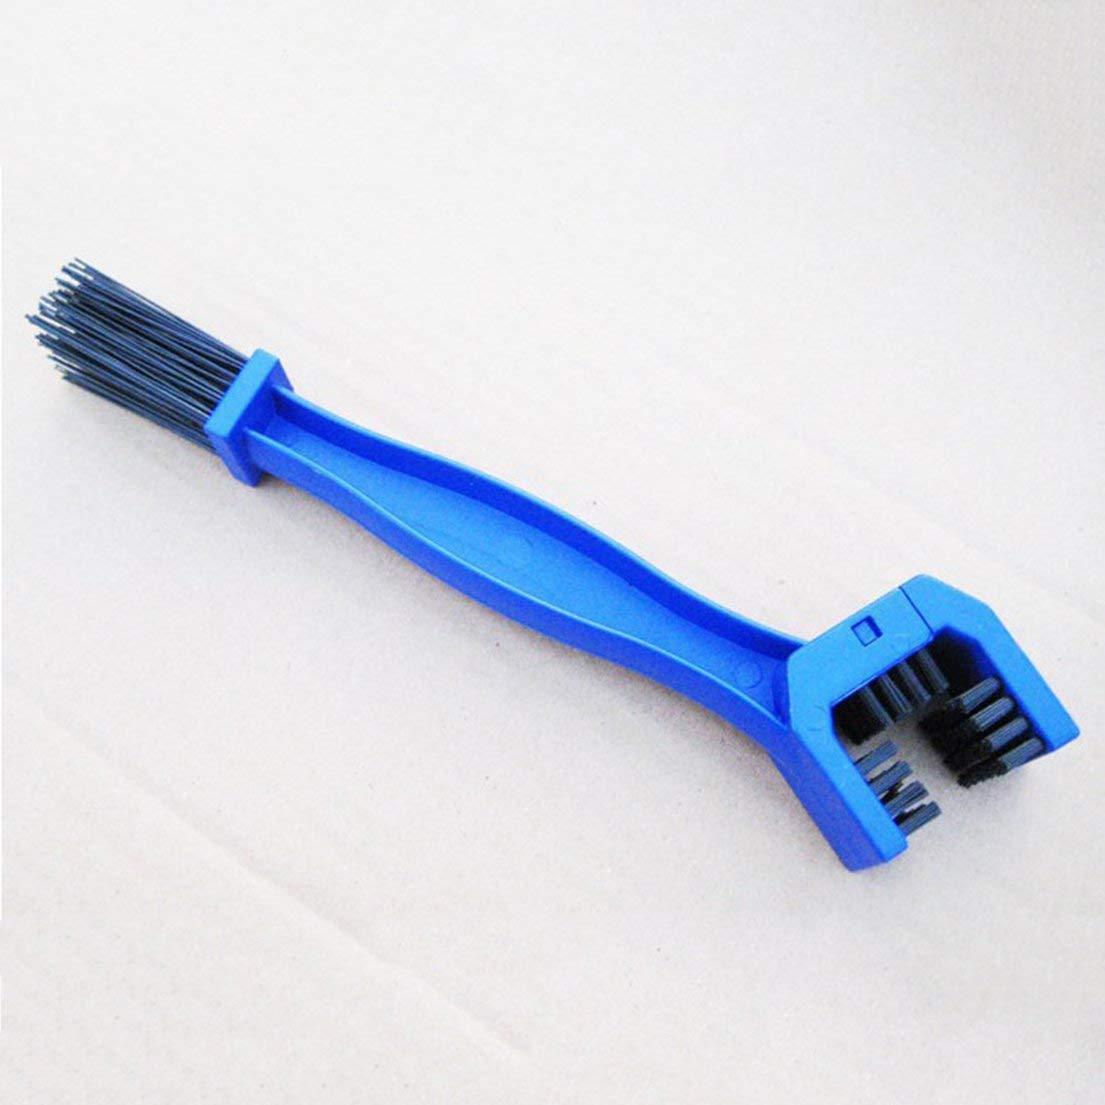 Couleur: Bleu DF-FR Cha/îne de Bicyclette /à v/élo /à 3 c/ôt/és Nettoyer loutil de r/écurage pour Nettoyer Les engins de Nettoyage de Grunge de Brosse /à Engrenages